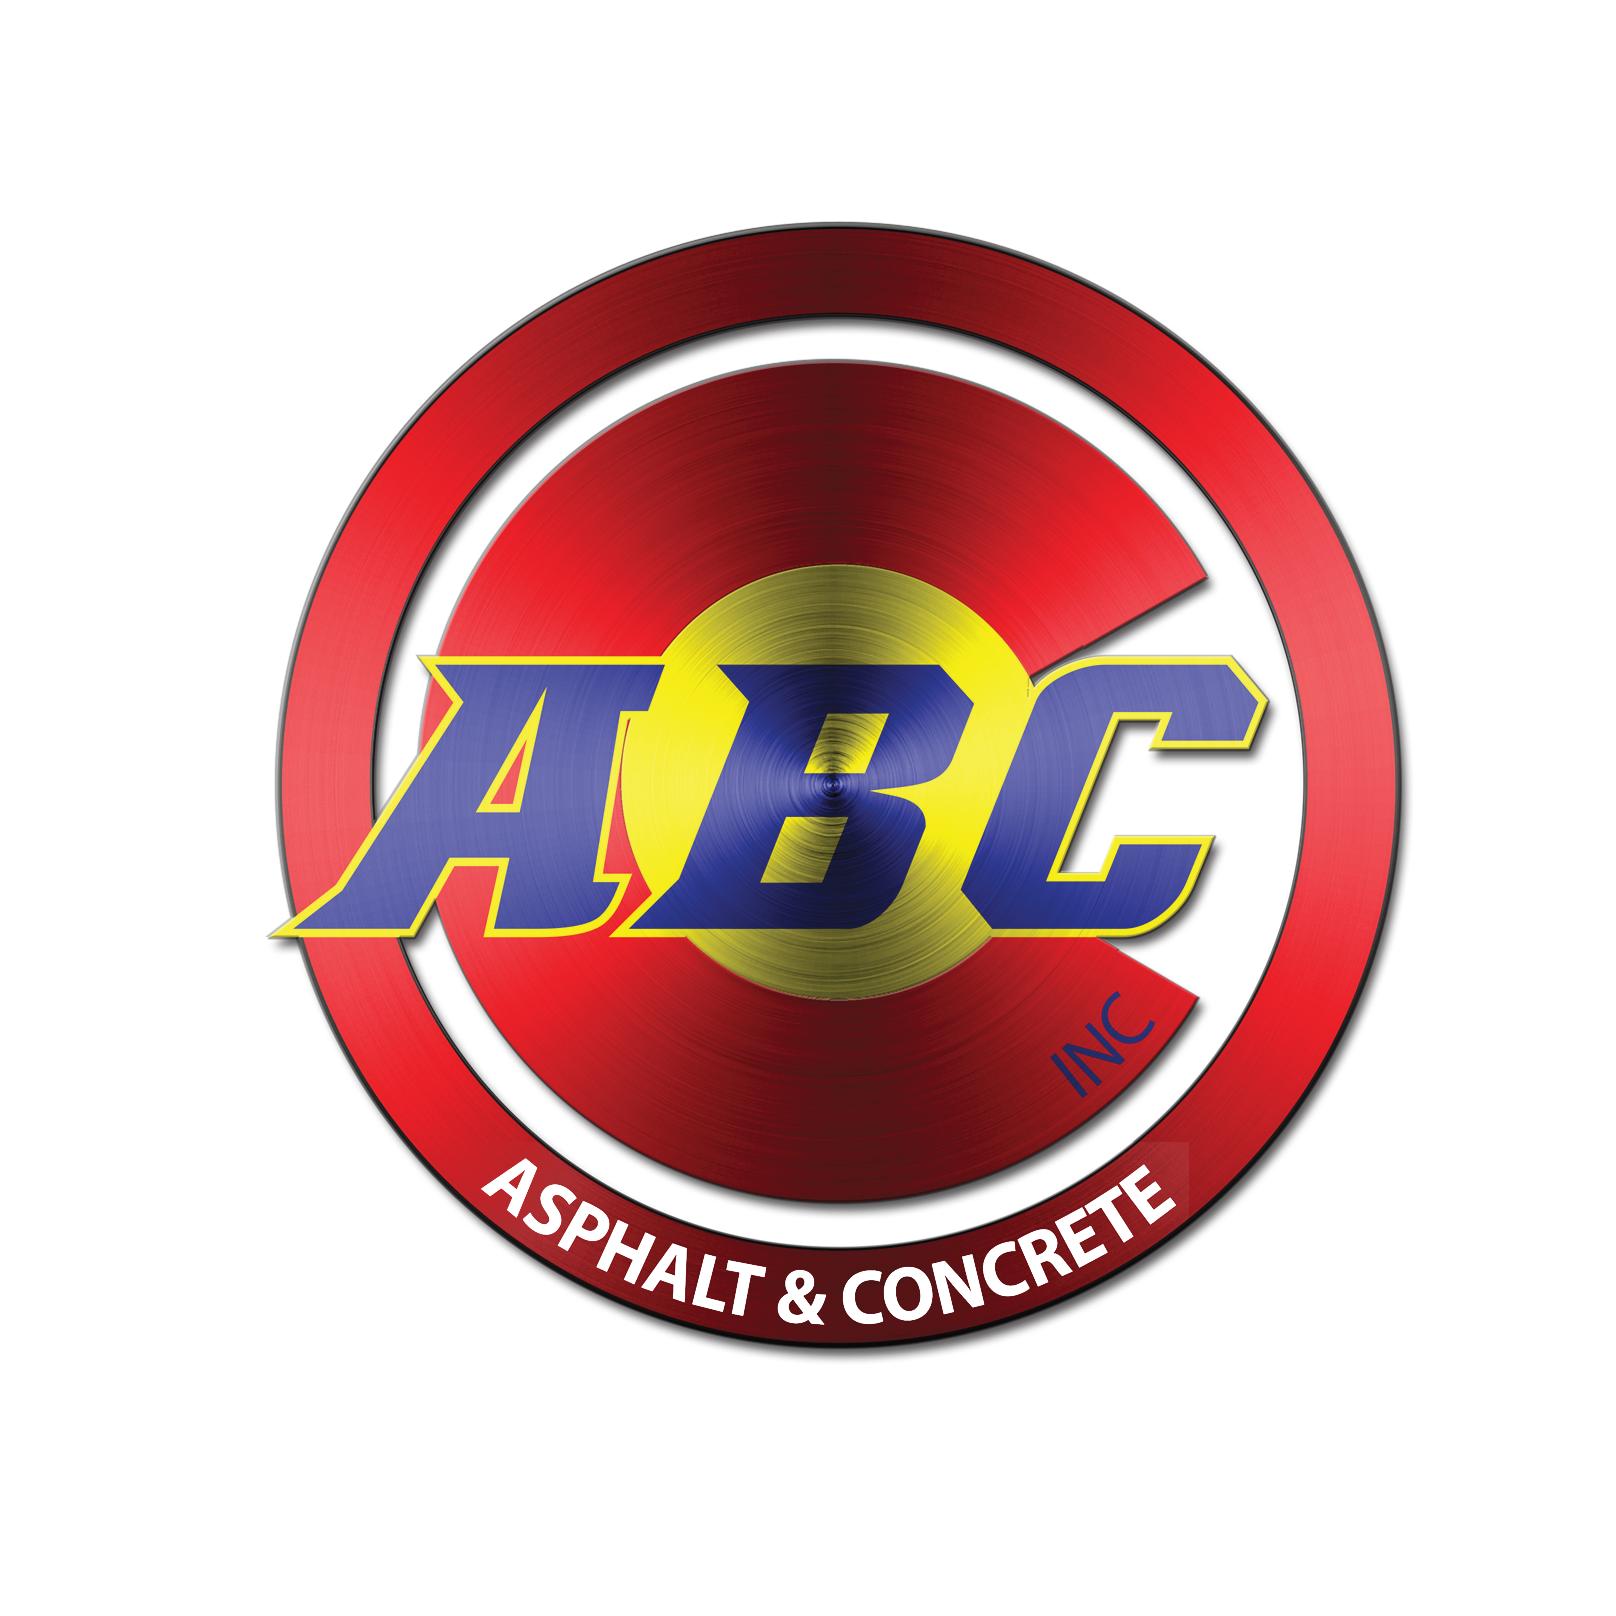 ABC Asphalt